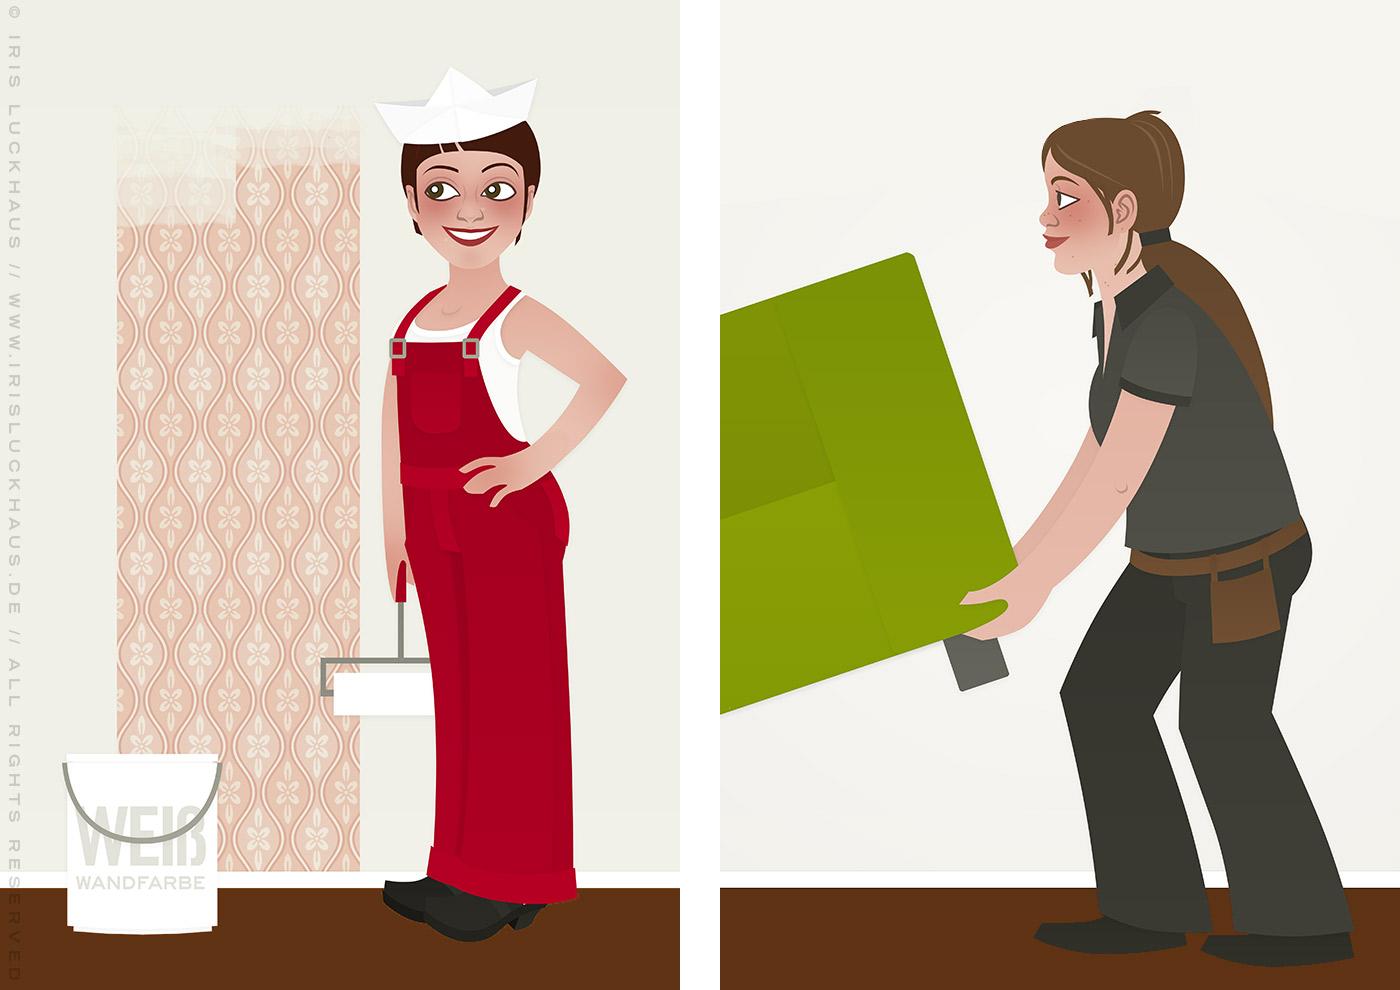 Vektorillustrationen von Frauen, die als Handwerkerinnen Wohnungen einrichten und streichen, für Homestaging Buch